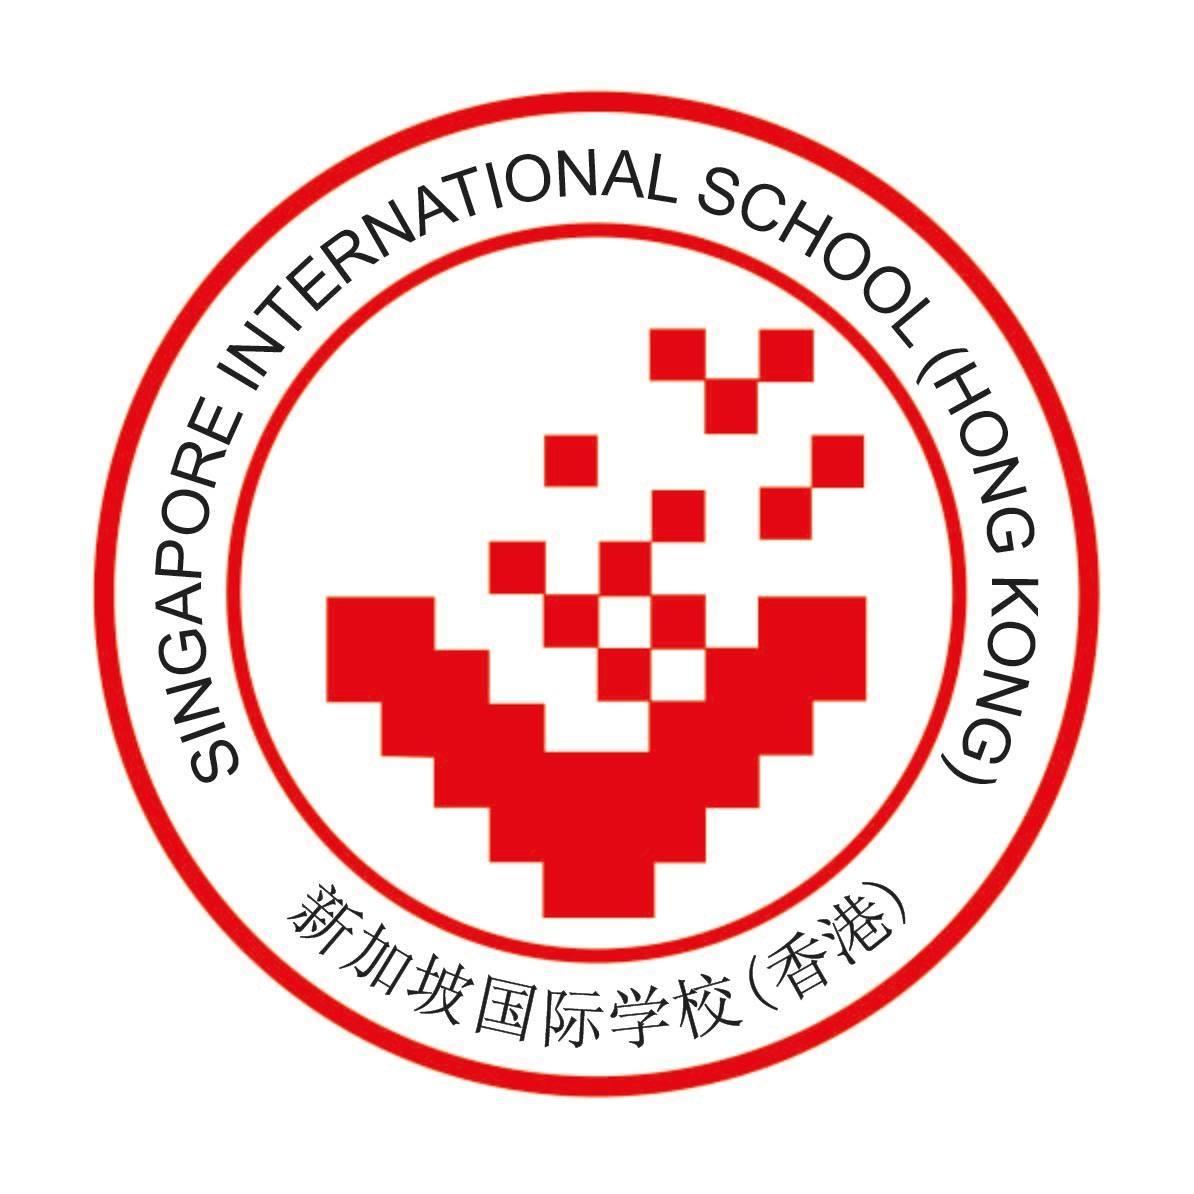 新加坡國際學校校徽